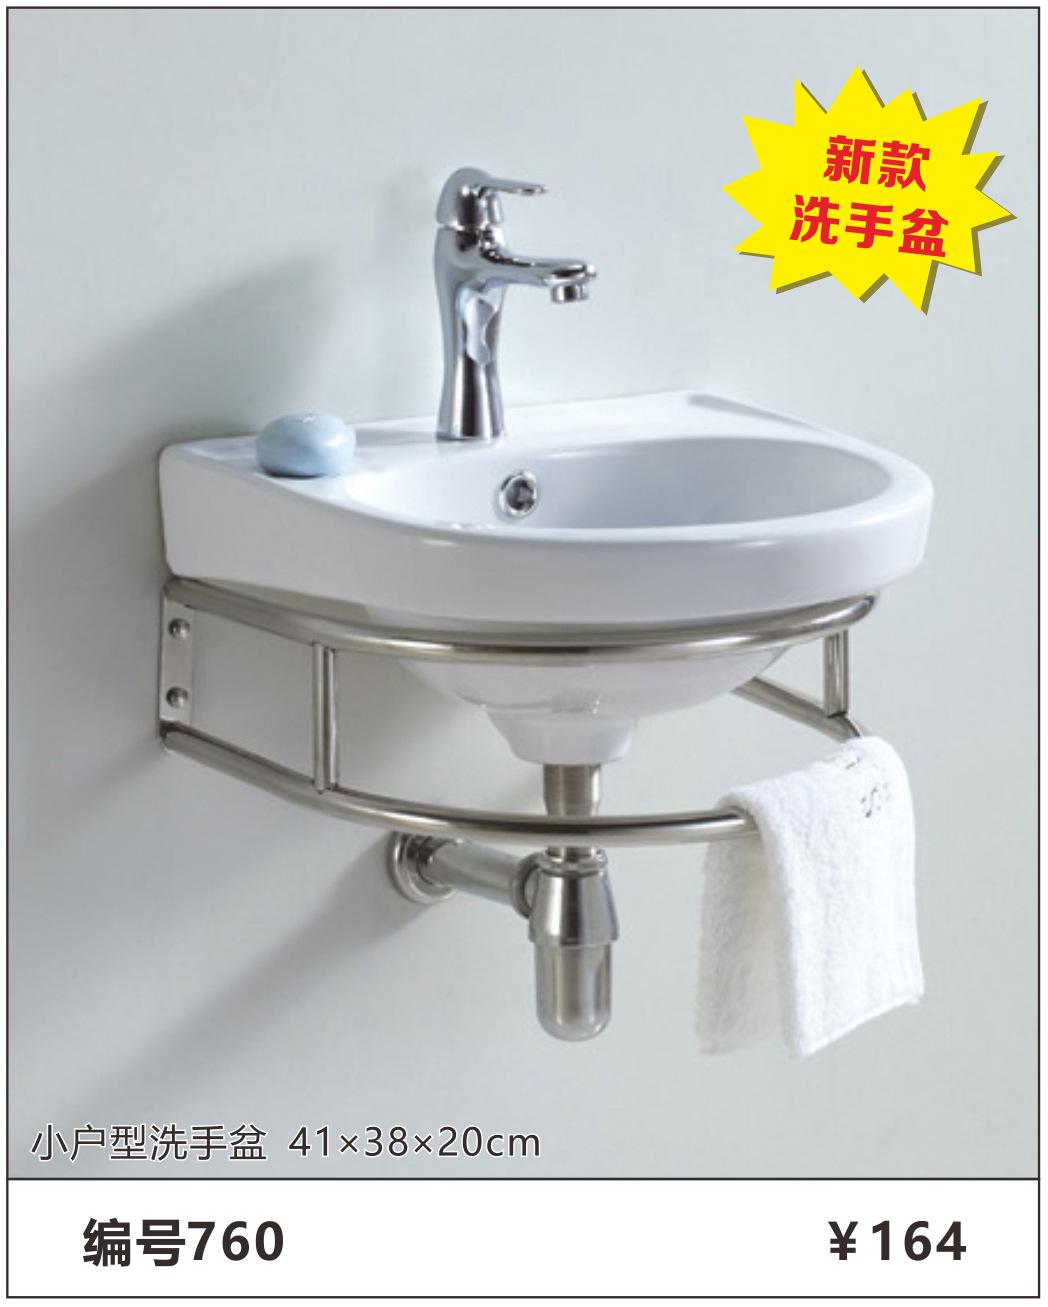 河源东晨电器|卫浴 浴室柜 柜式洗手盆 洗脸盆套装 柜子镜子套装图片